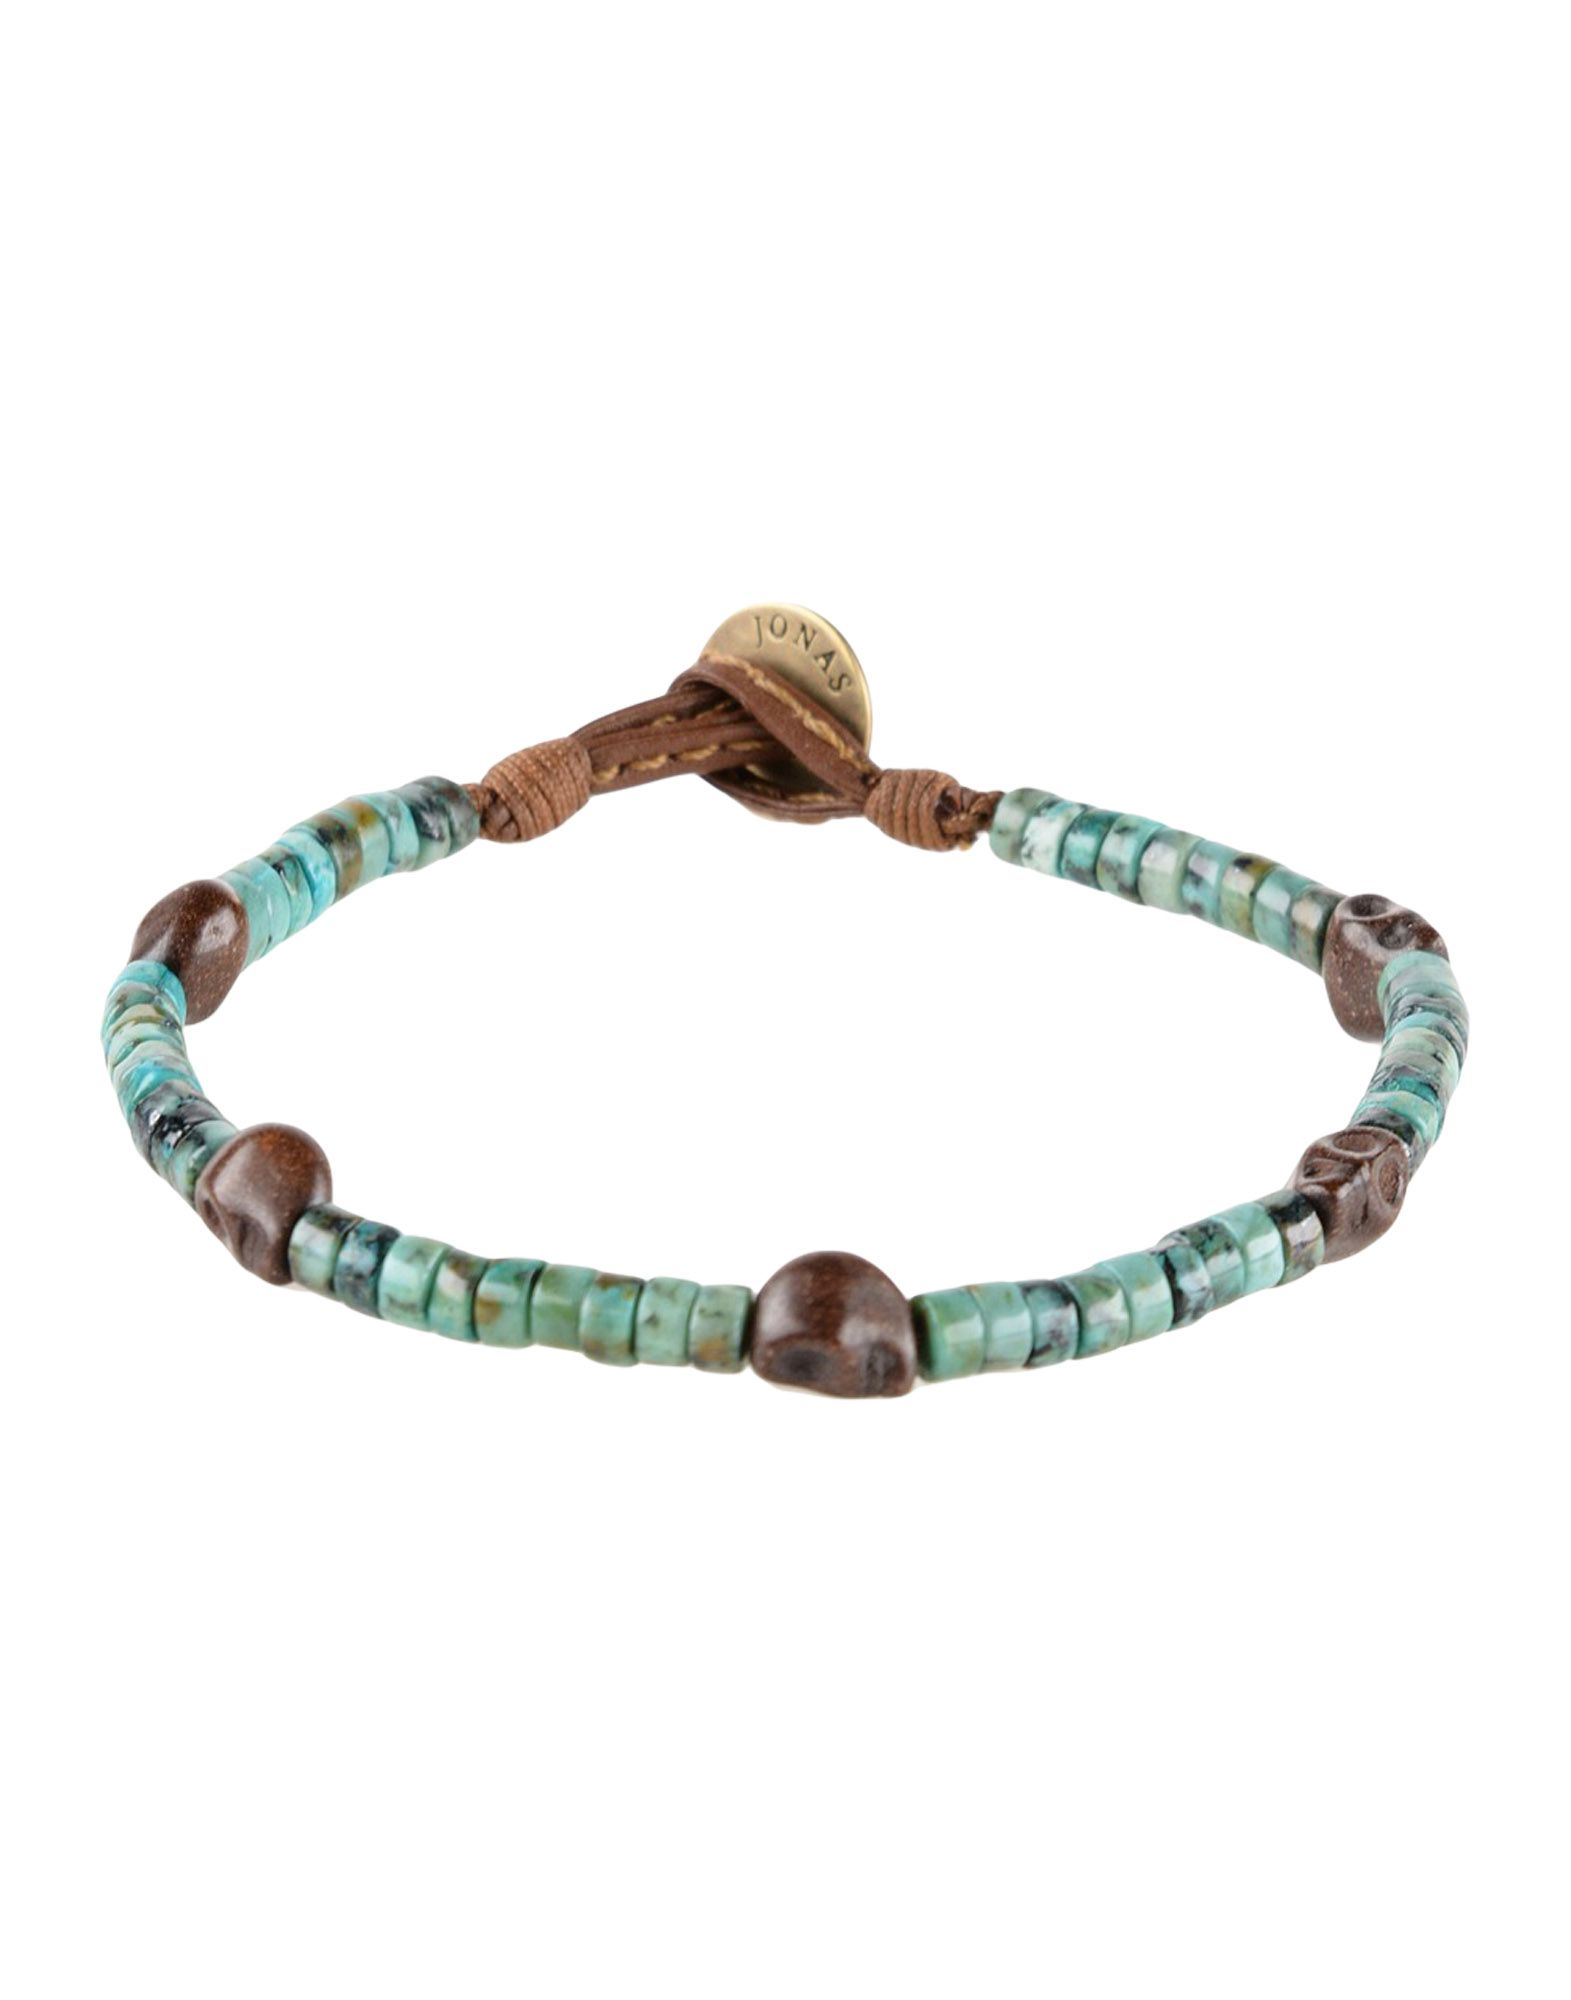 JONAS STUDIO Bracelet in Turquoise